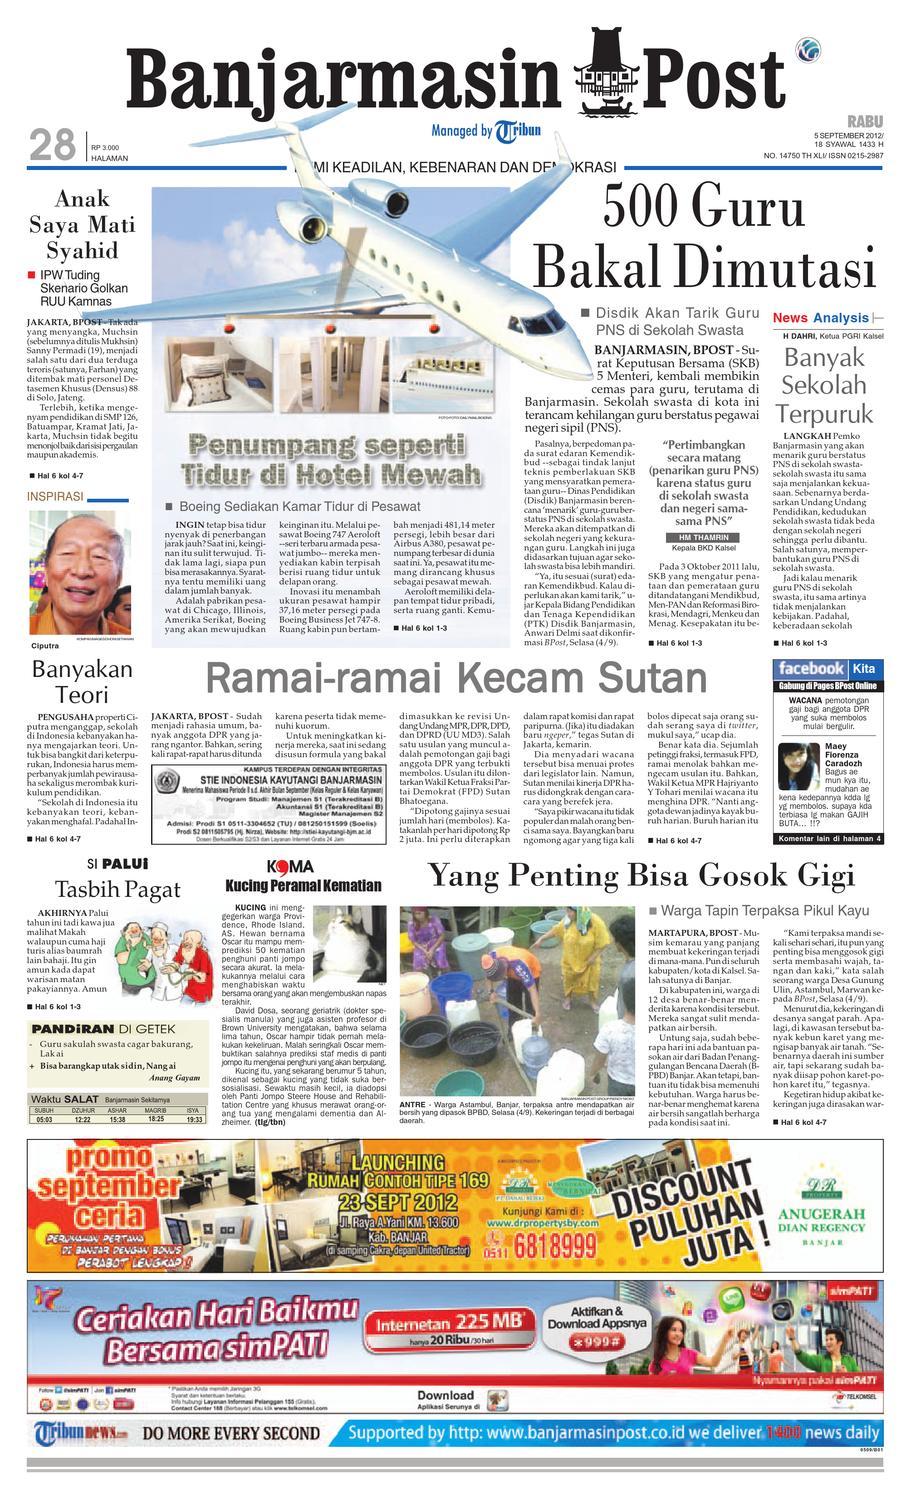 Banjarmasin Post Edisi Rabu 5 September 2012 By Kue Mawar Nuris Bakeri Ampamp Caterring Akumandiri Issuu